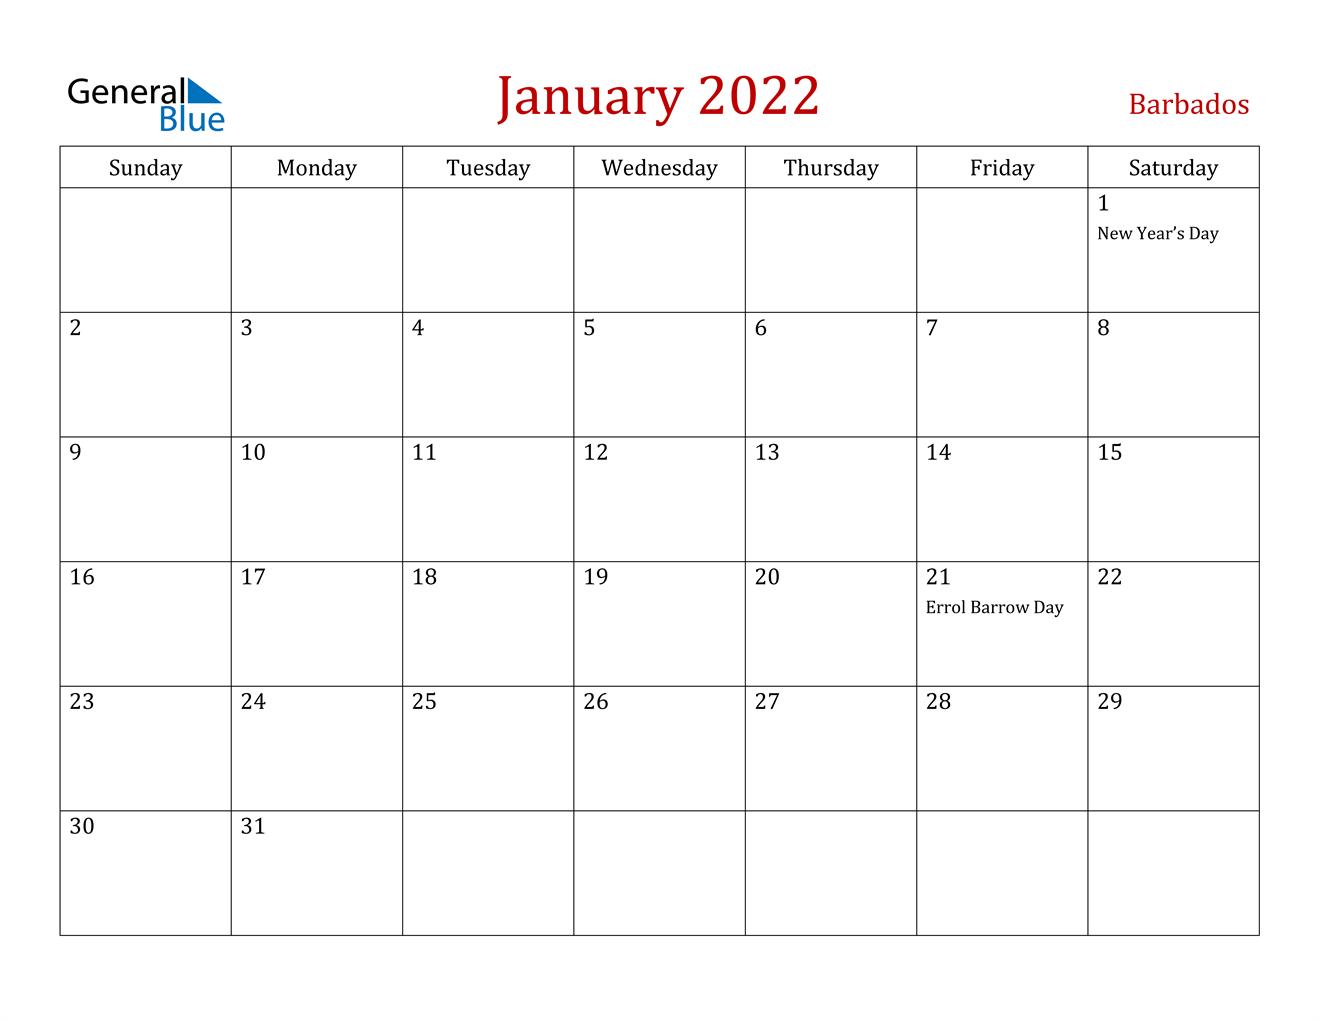 January 2022 Calendar - Barbados